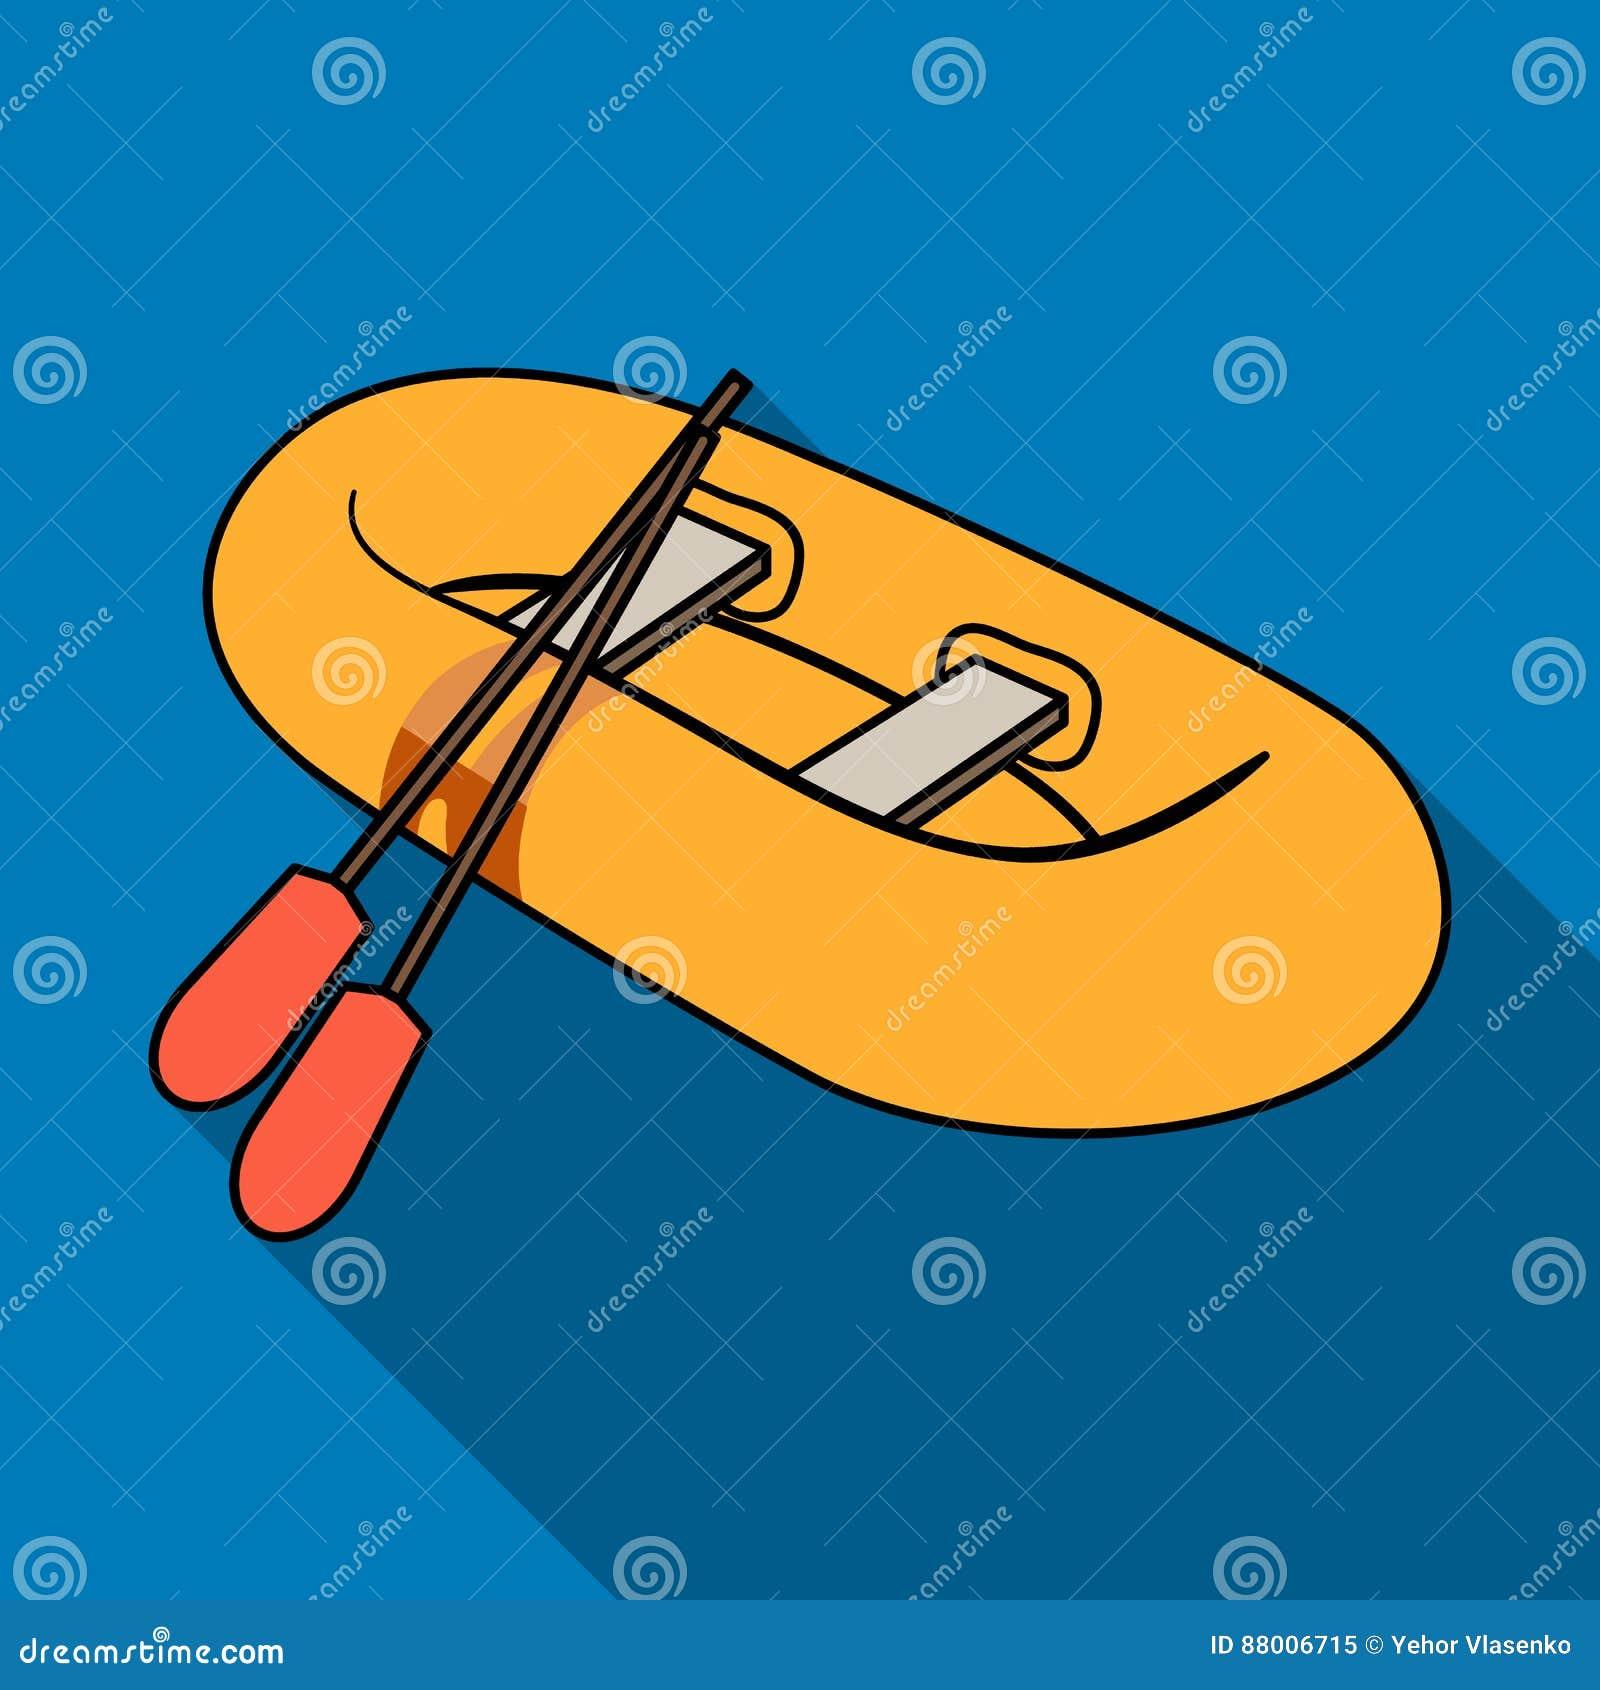 Bote salvavidas de goma anaranjado El barco, que pesa en los lados de los barcos grandes para el rescate Transporte de la nave y